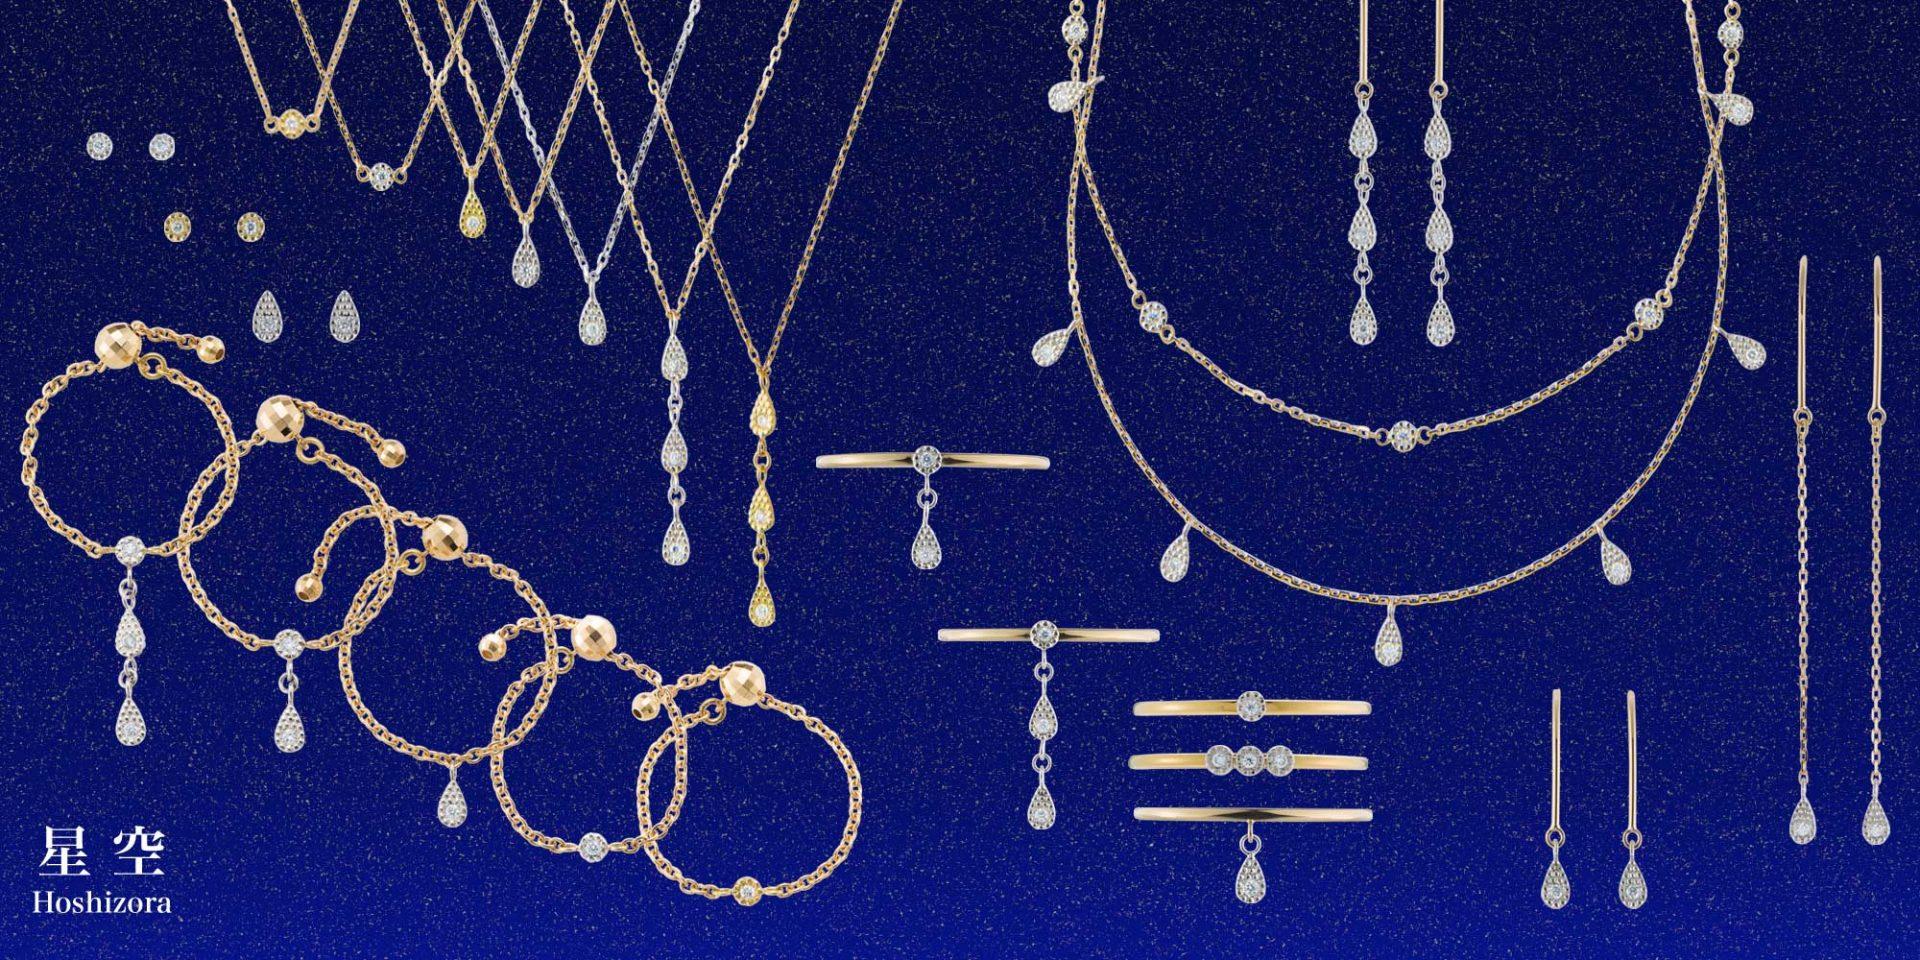 エシカルジュエリー〔星空〕コレクション。ダイヤモンド・ゴールド・プラチナを用いたアンティークな雰囲気ただようジュエリー